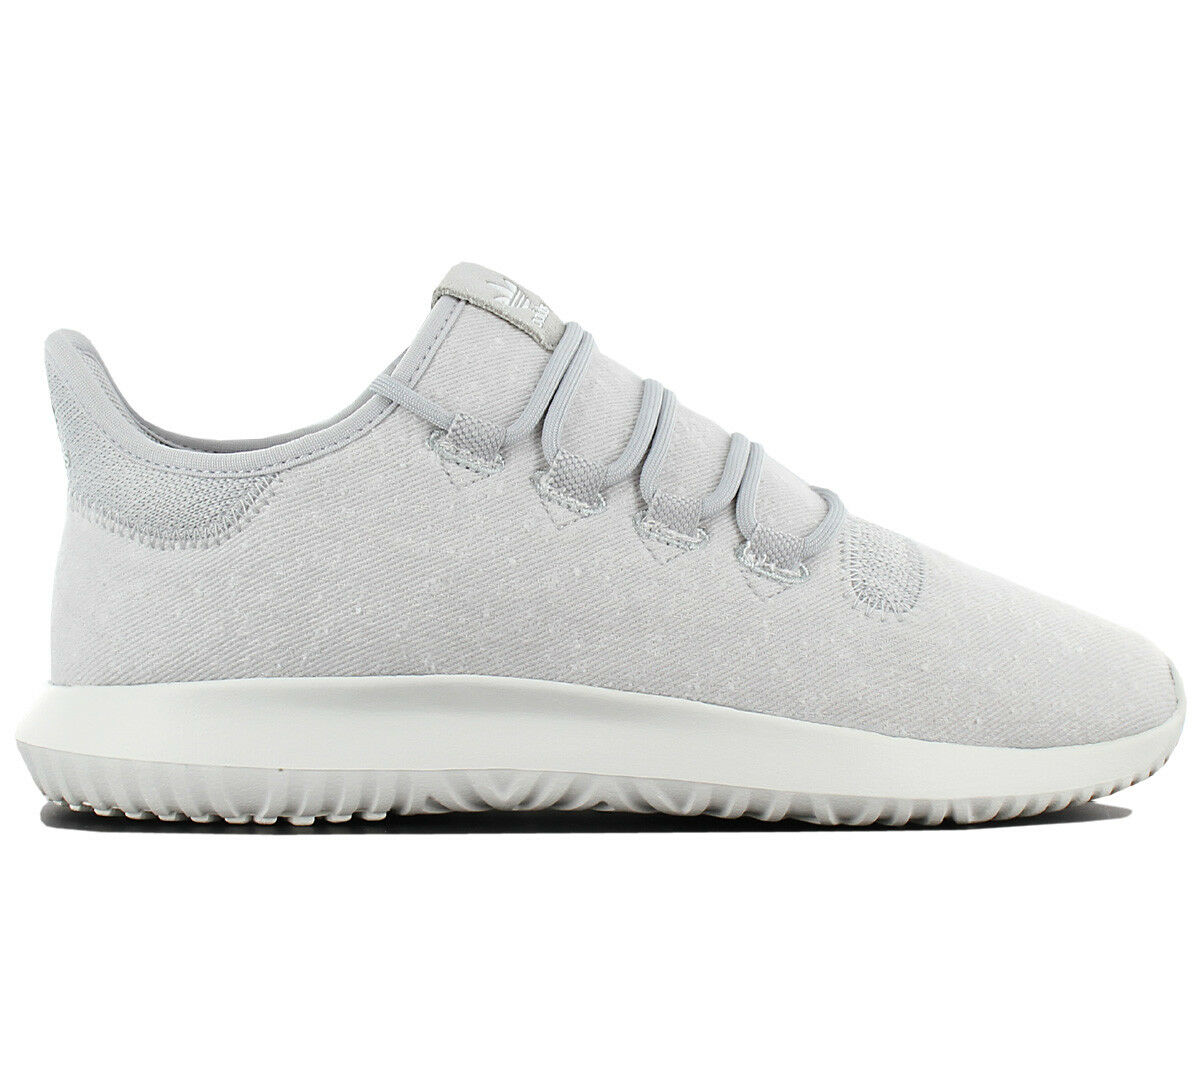 Adidas Originals Tubular Shadow hombres zapatos zapatilla de deporte gris Ginnastica BY3570